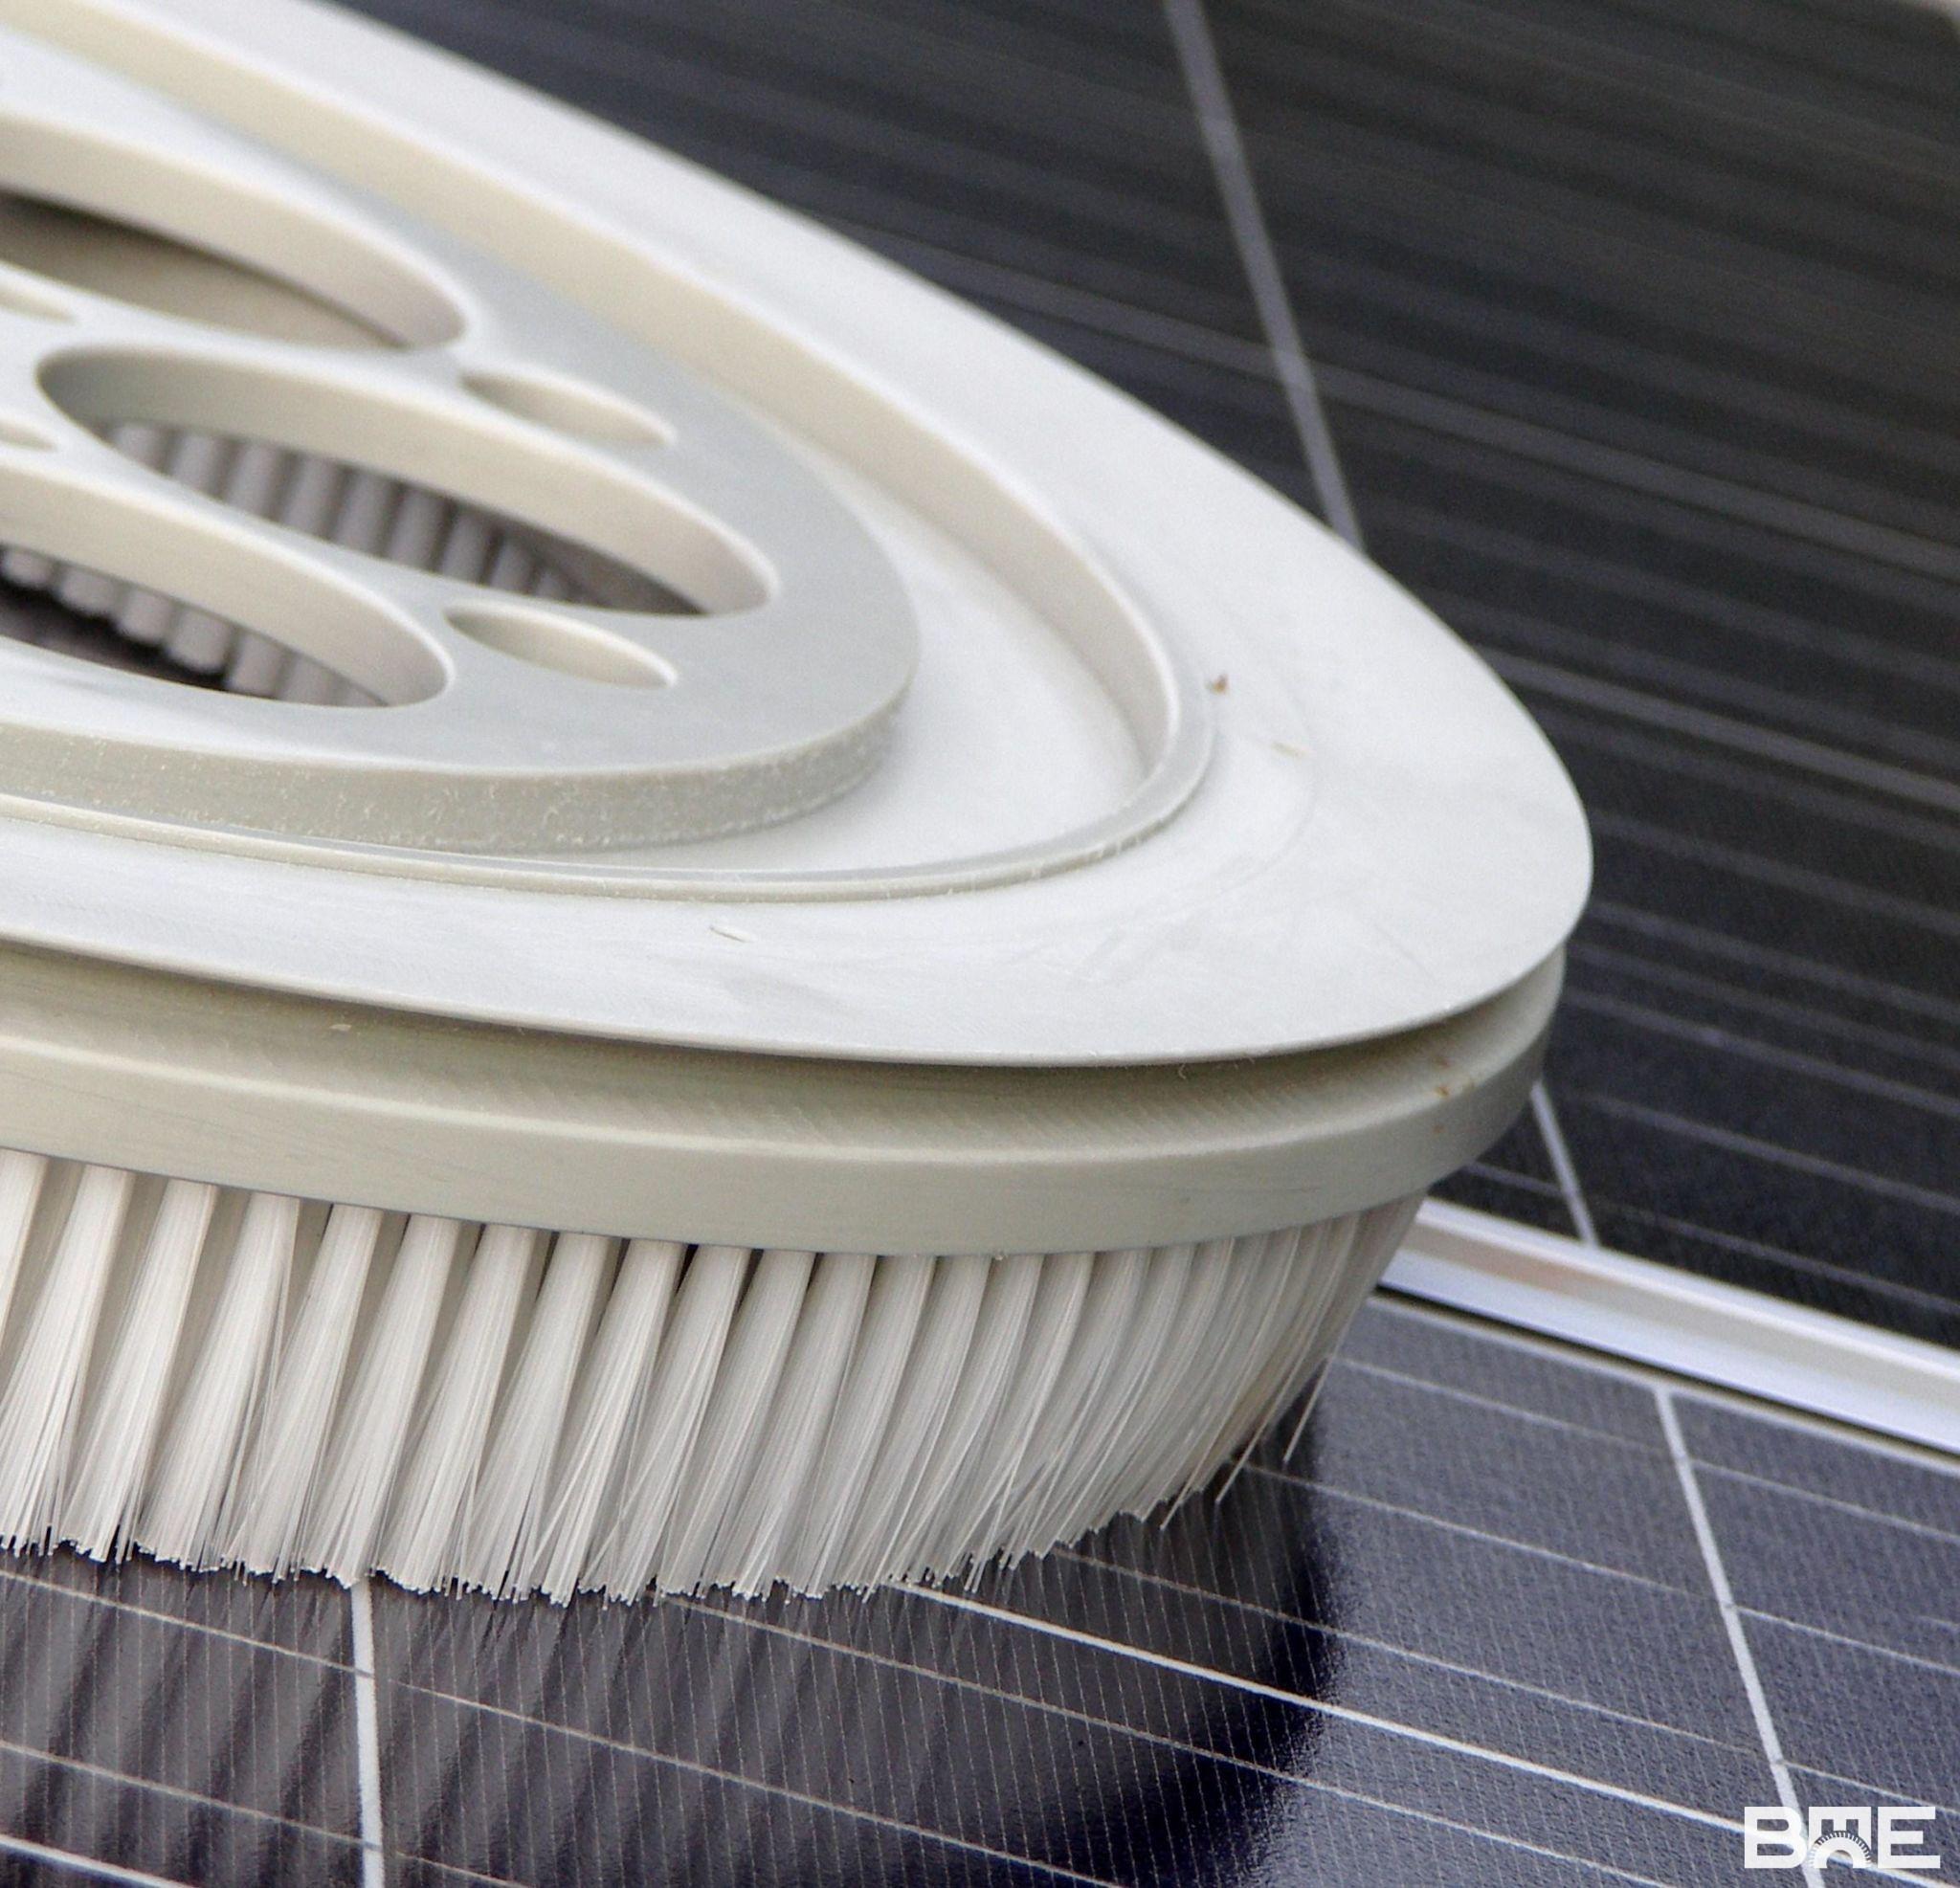 Brosse plateau pour nettoyer des panneaux photovoltaïques